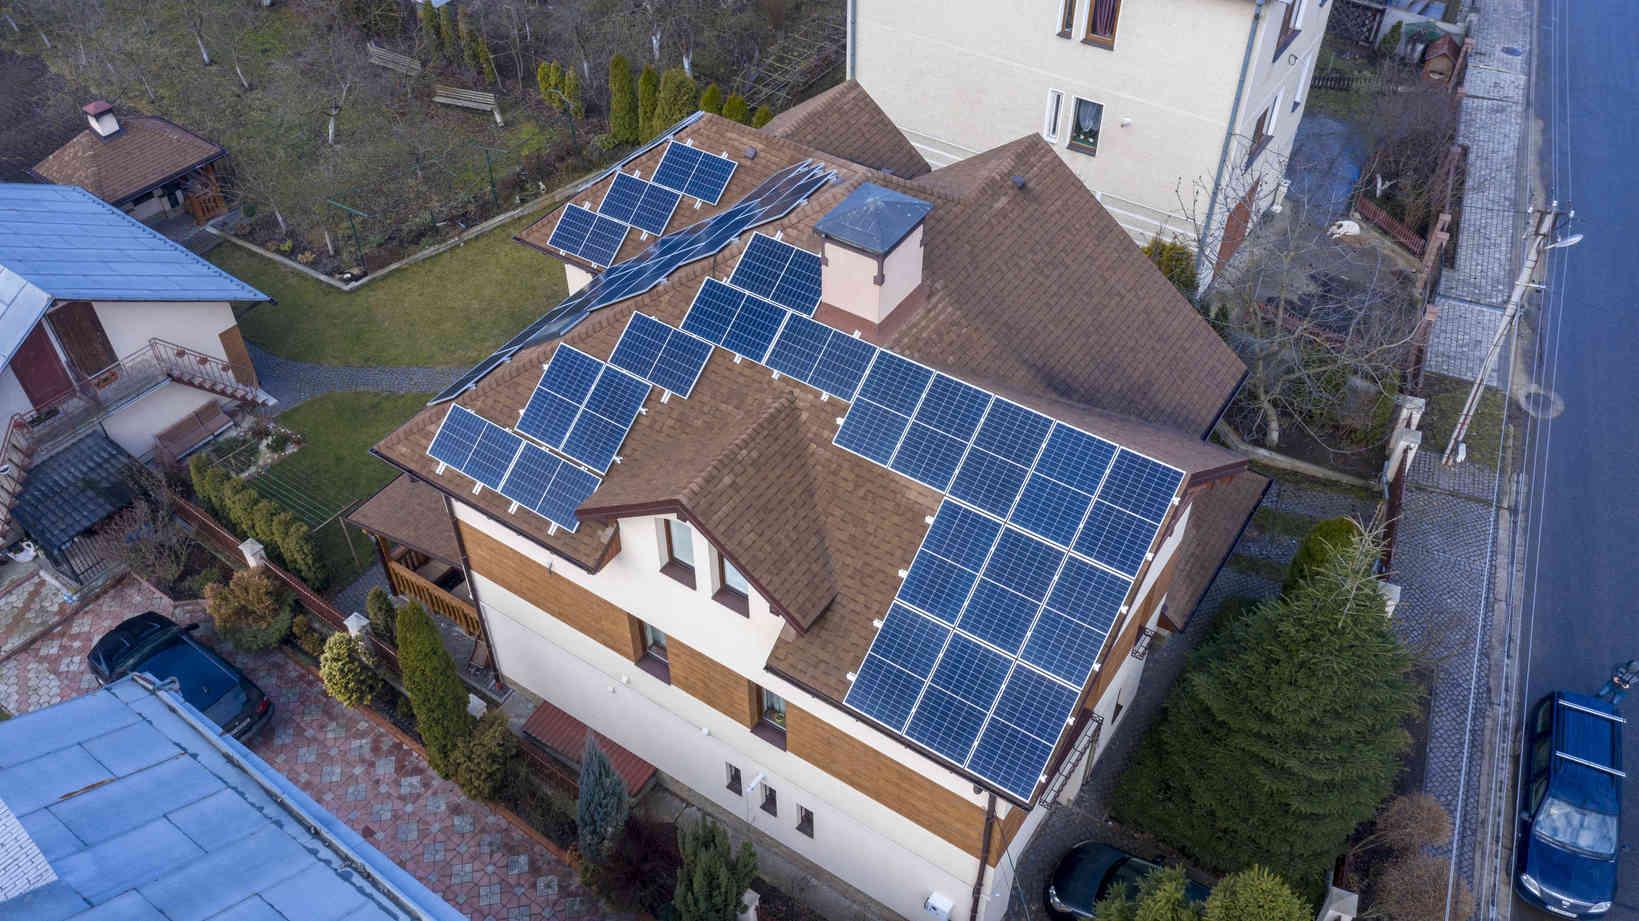 Мережева сонячна електростанція (СЕС) потужністю 25,29 кВт – Фотозвіт #2